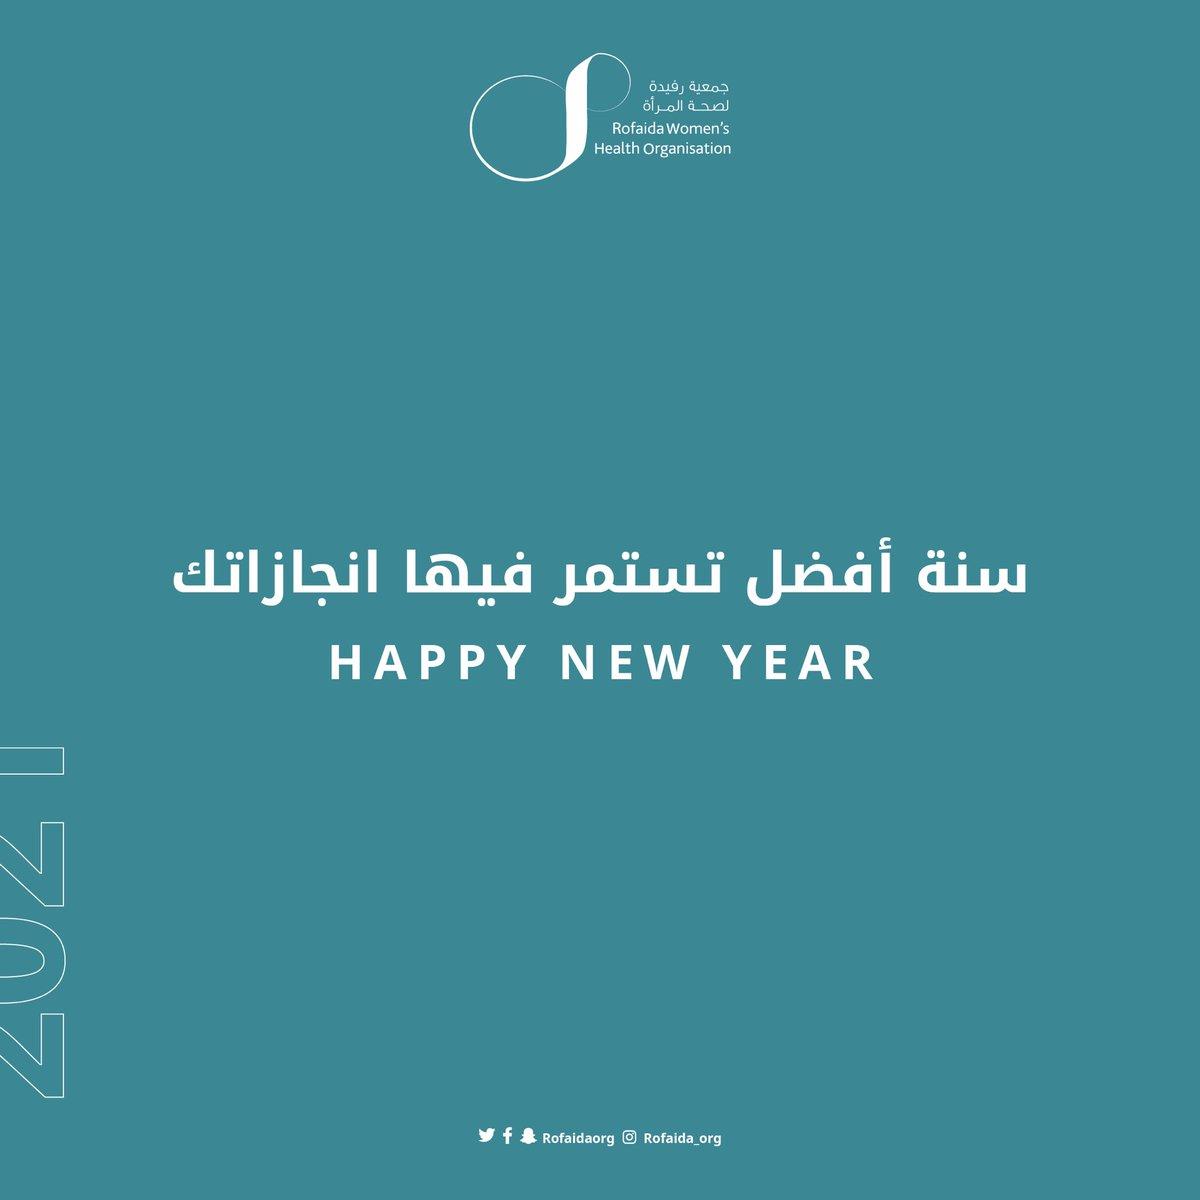 ١ يناير ٢٠٢١:   سنة جديدة وسعيدة على كل النساء وأحبابهم..  نتمنى لكم سنة أفضل تستمر فيها انجازاتكم وتنعموا فيها بالحب ✨💕